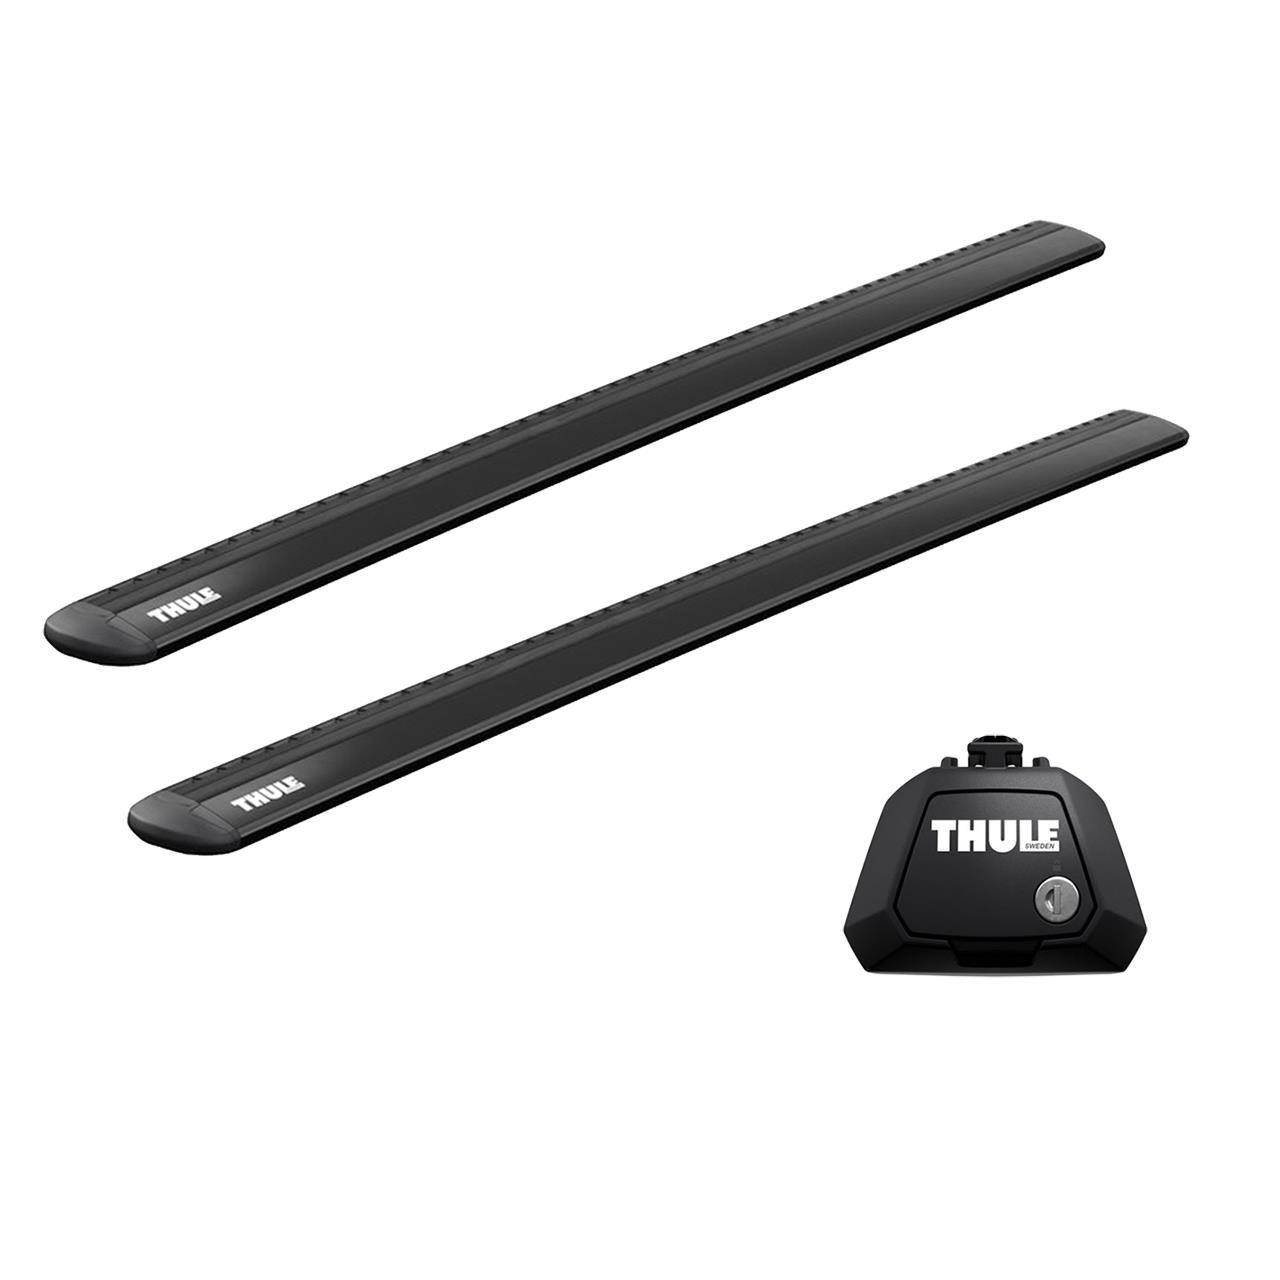 Напречни греди Thule Evo Raised Rail WingBar Evo 127cm в Черно за MERCEDES M-klasse (W164) 5 врати SUV 05-11 с фабрични надлъжни греди с просвет 1